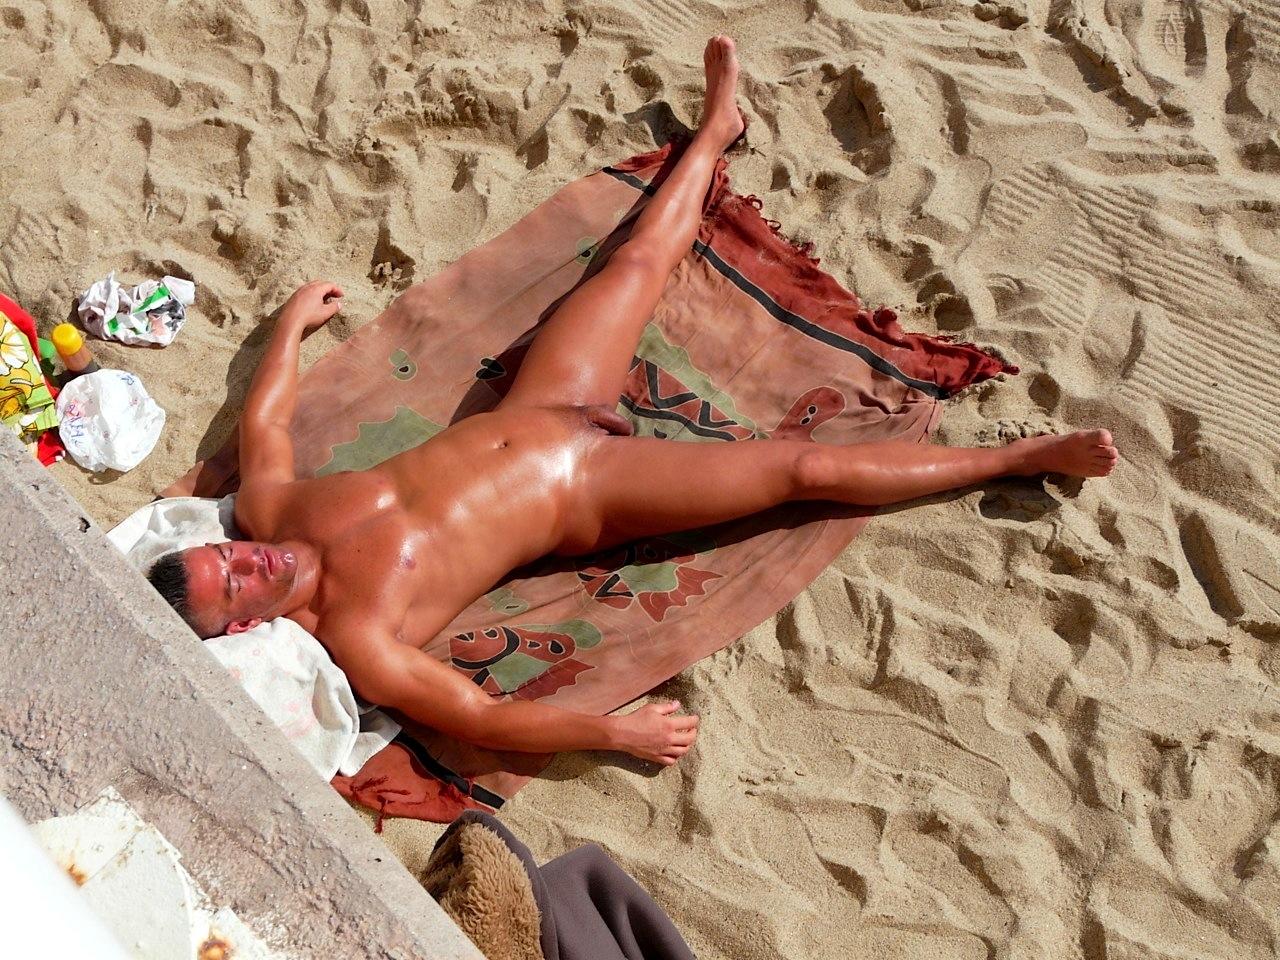 Эротические фото мужчин на пляжах 18 фотография